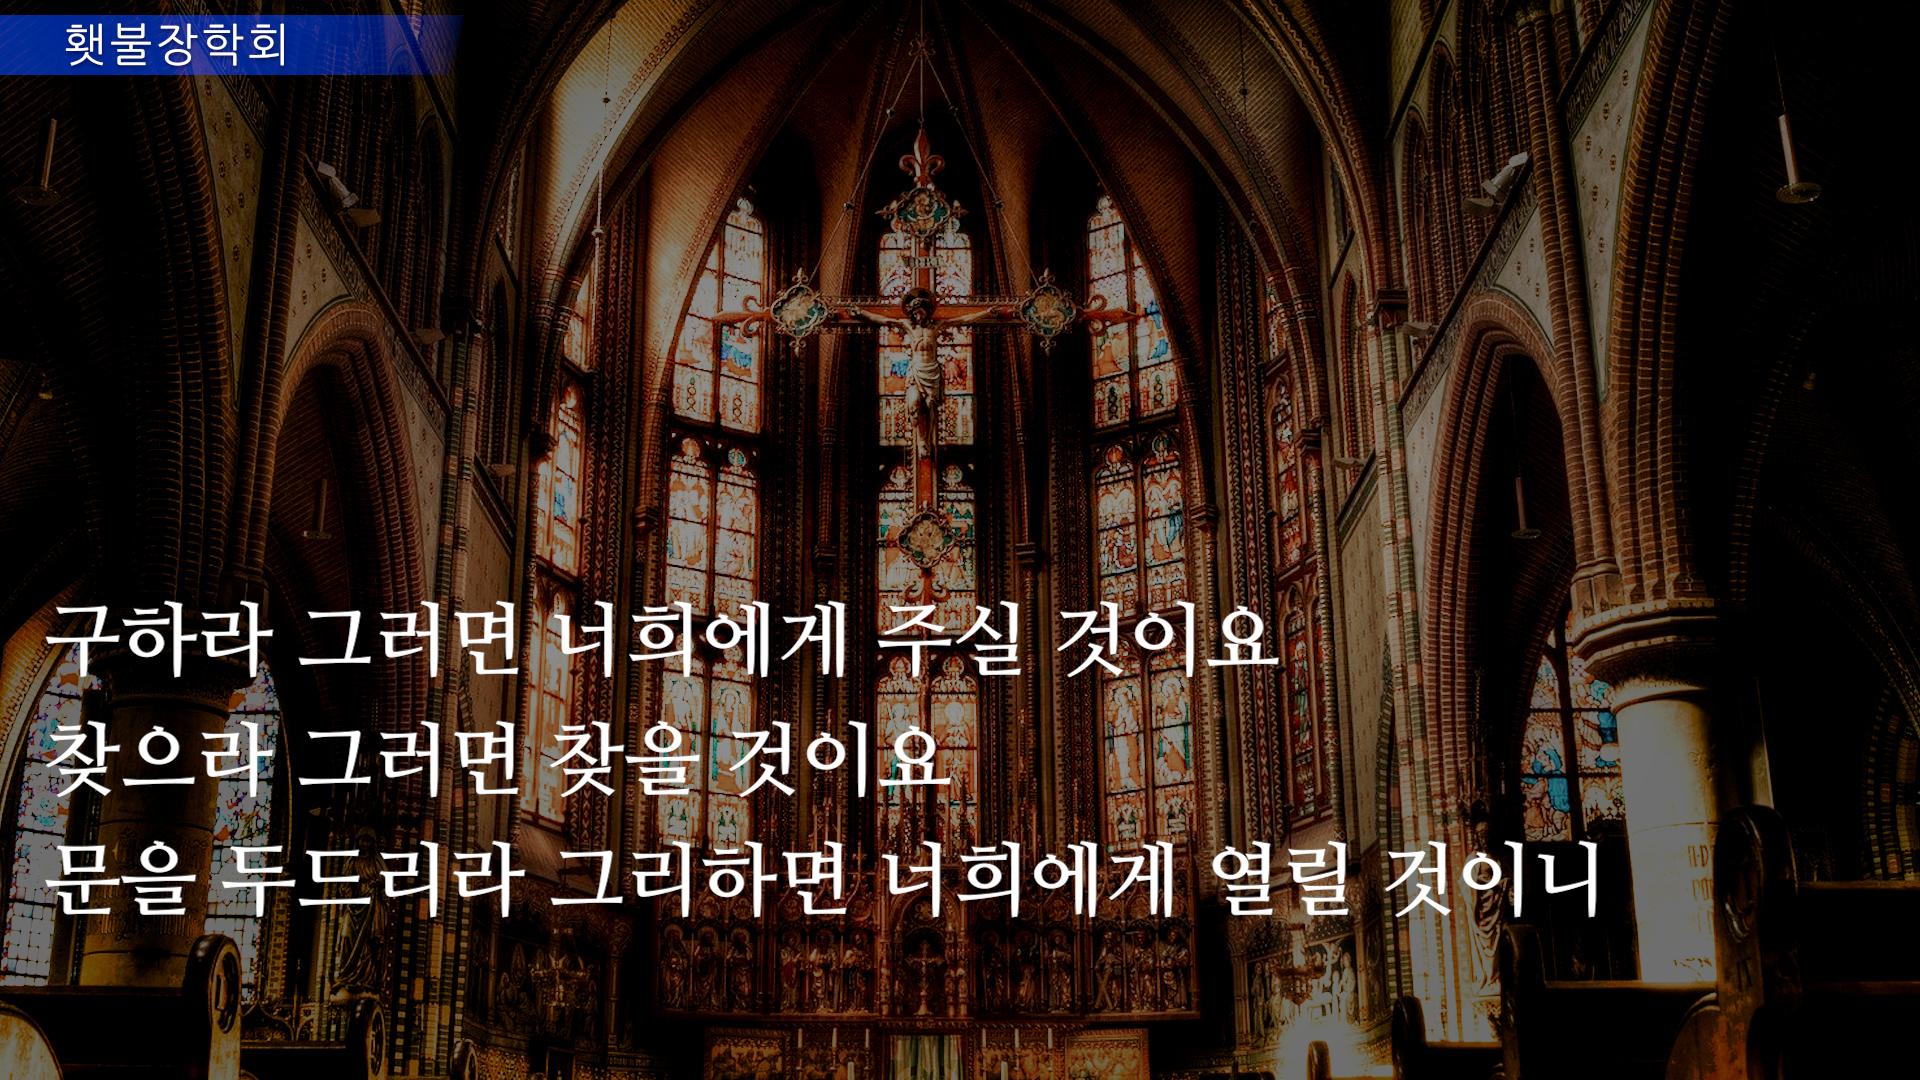 210701_횃불7월_title.jpg